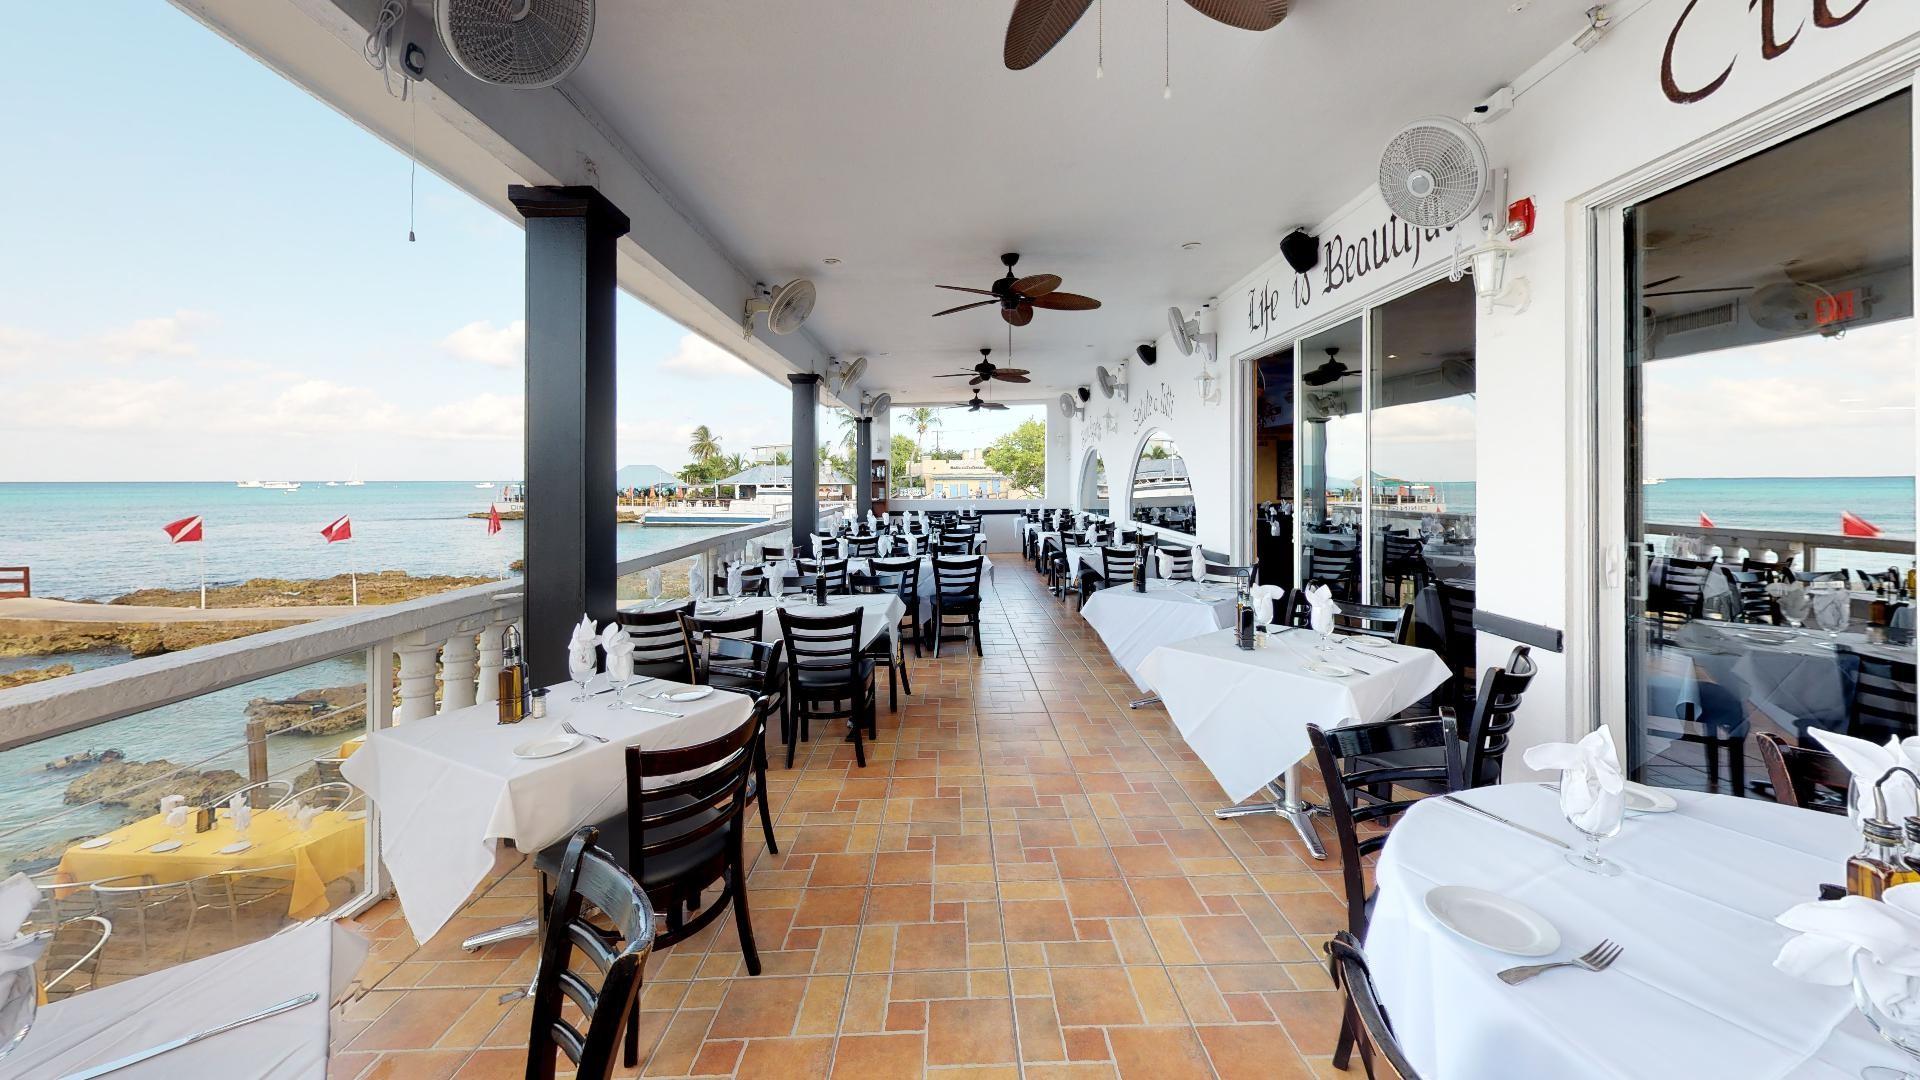 Casanova Waterfront Italian Restaurant